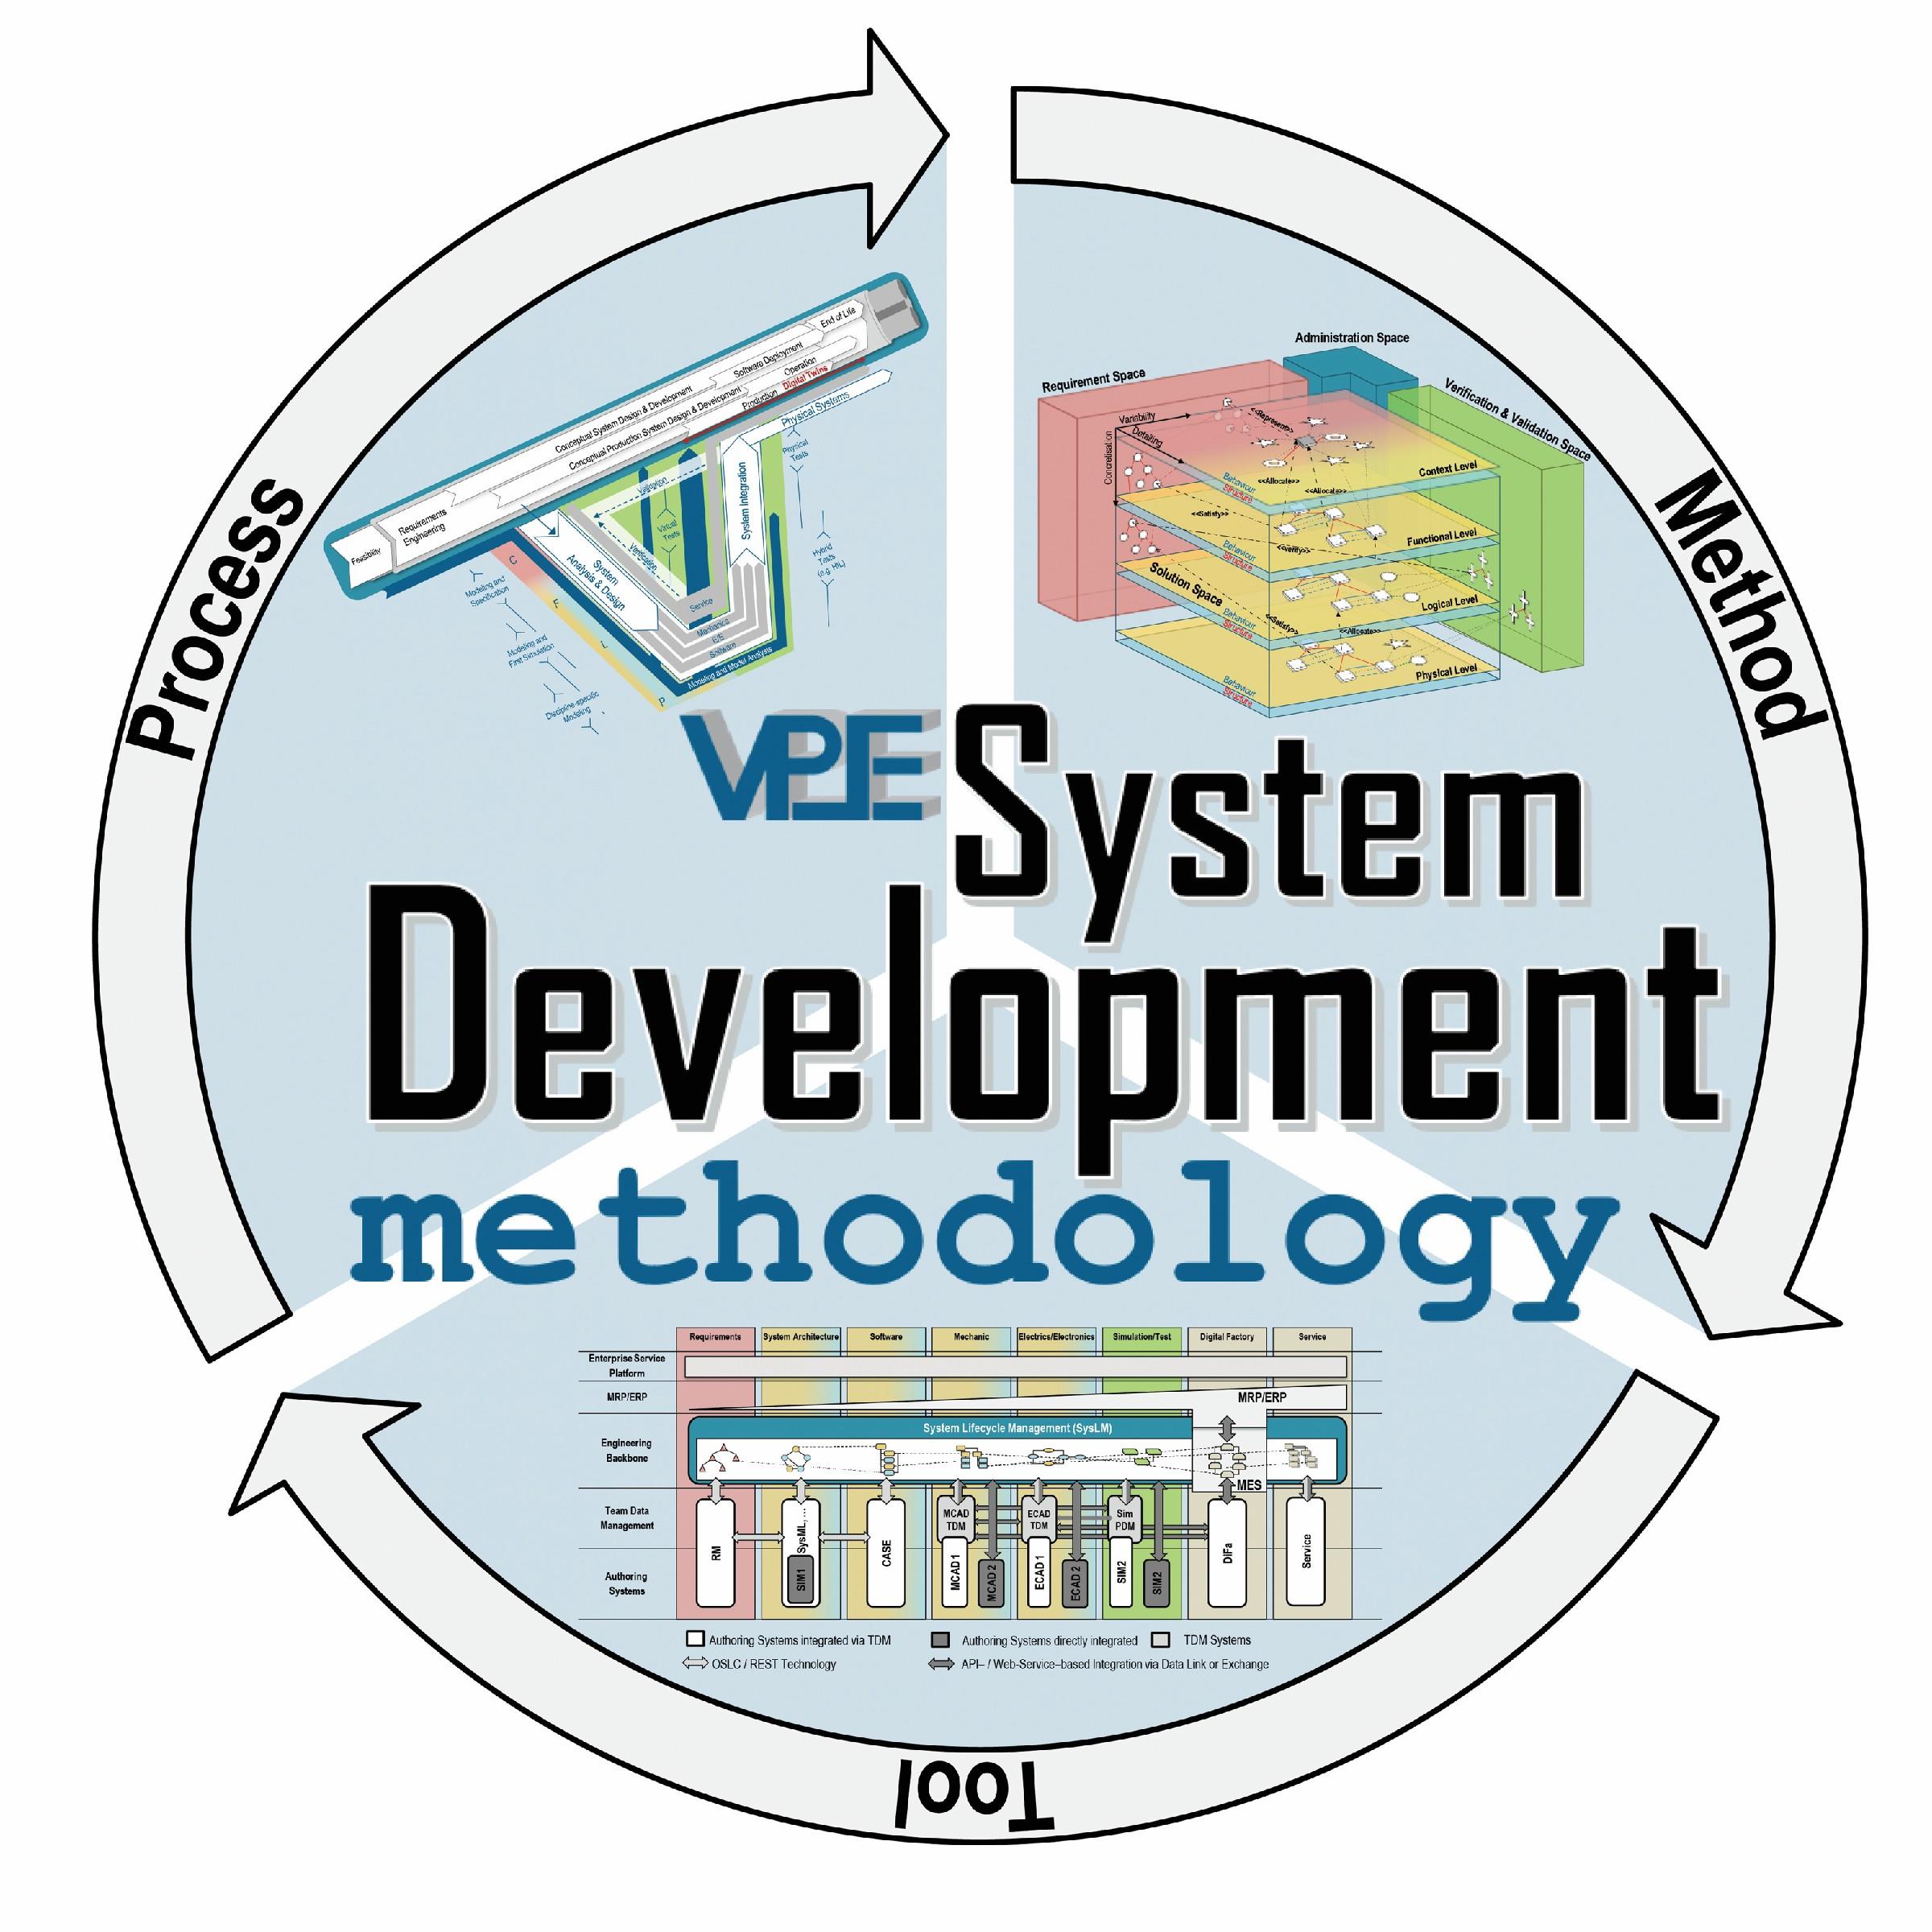 Bild 4 Die VPESystem- DevelopmentMethodology Bild: Verfasser